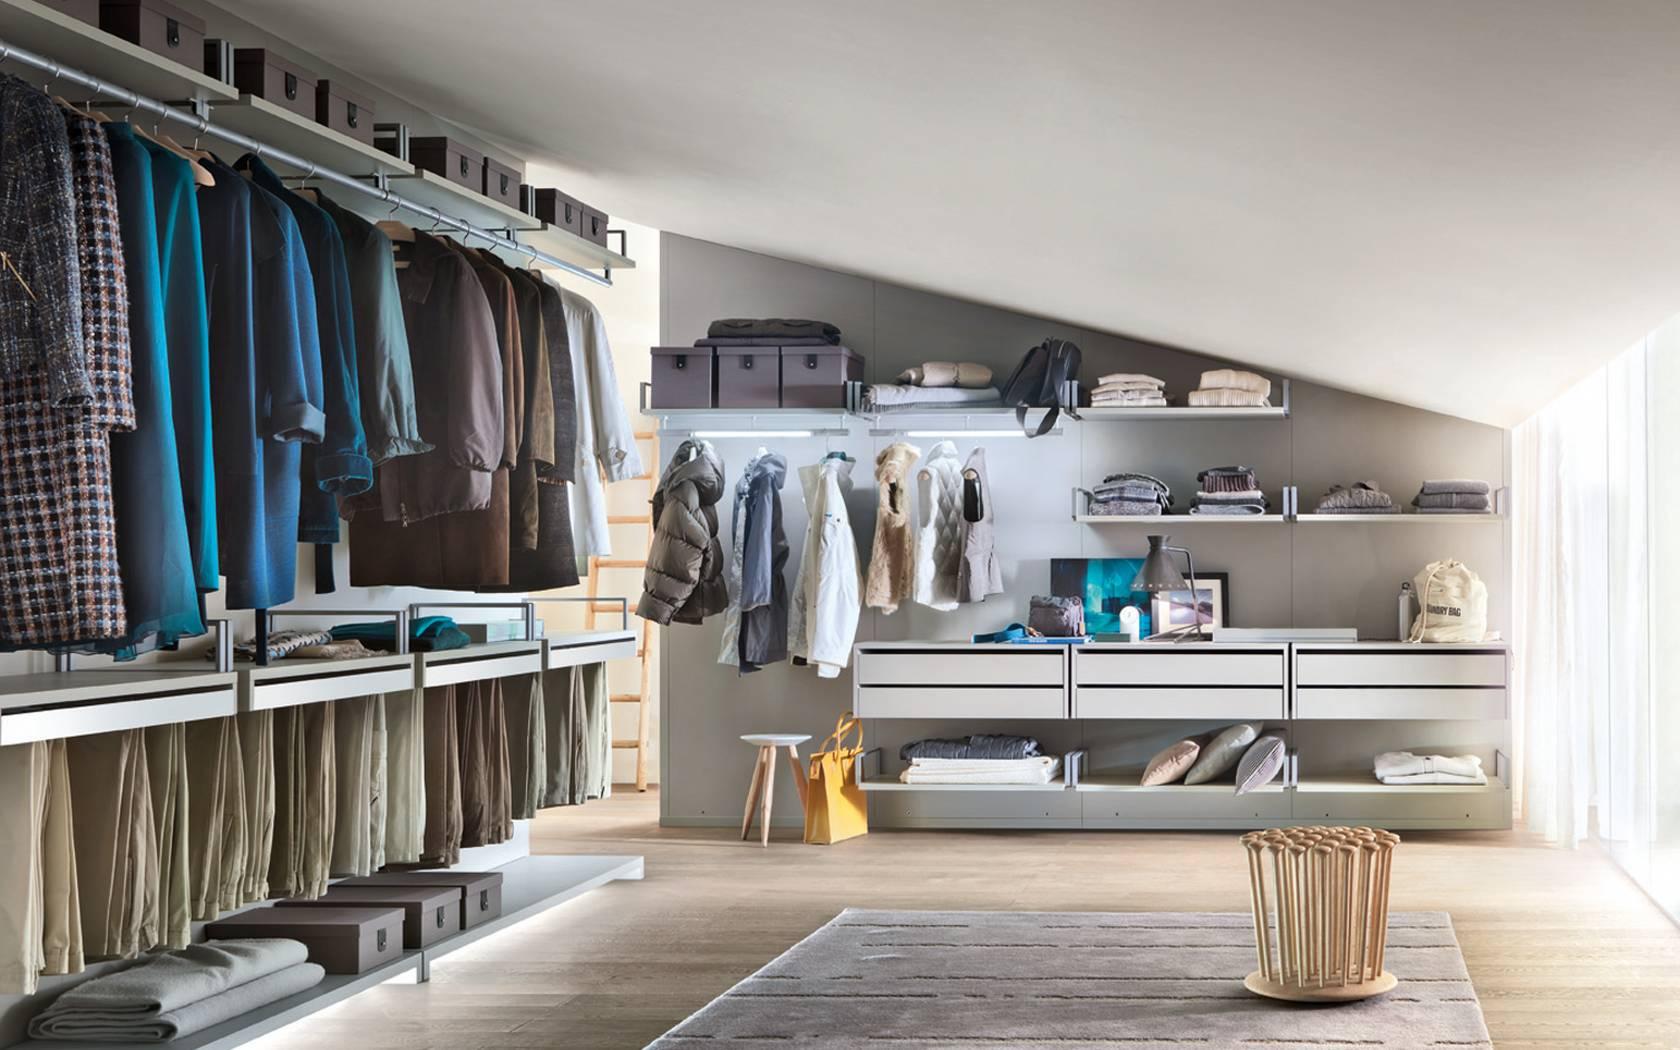 Cabina Armadio Grande : Cabina armadio vs armadio su misura soluzioni di casa